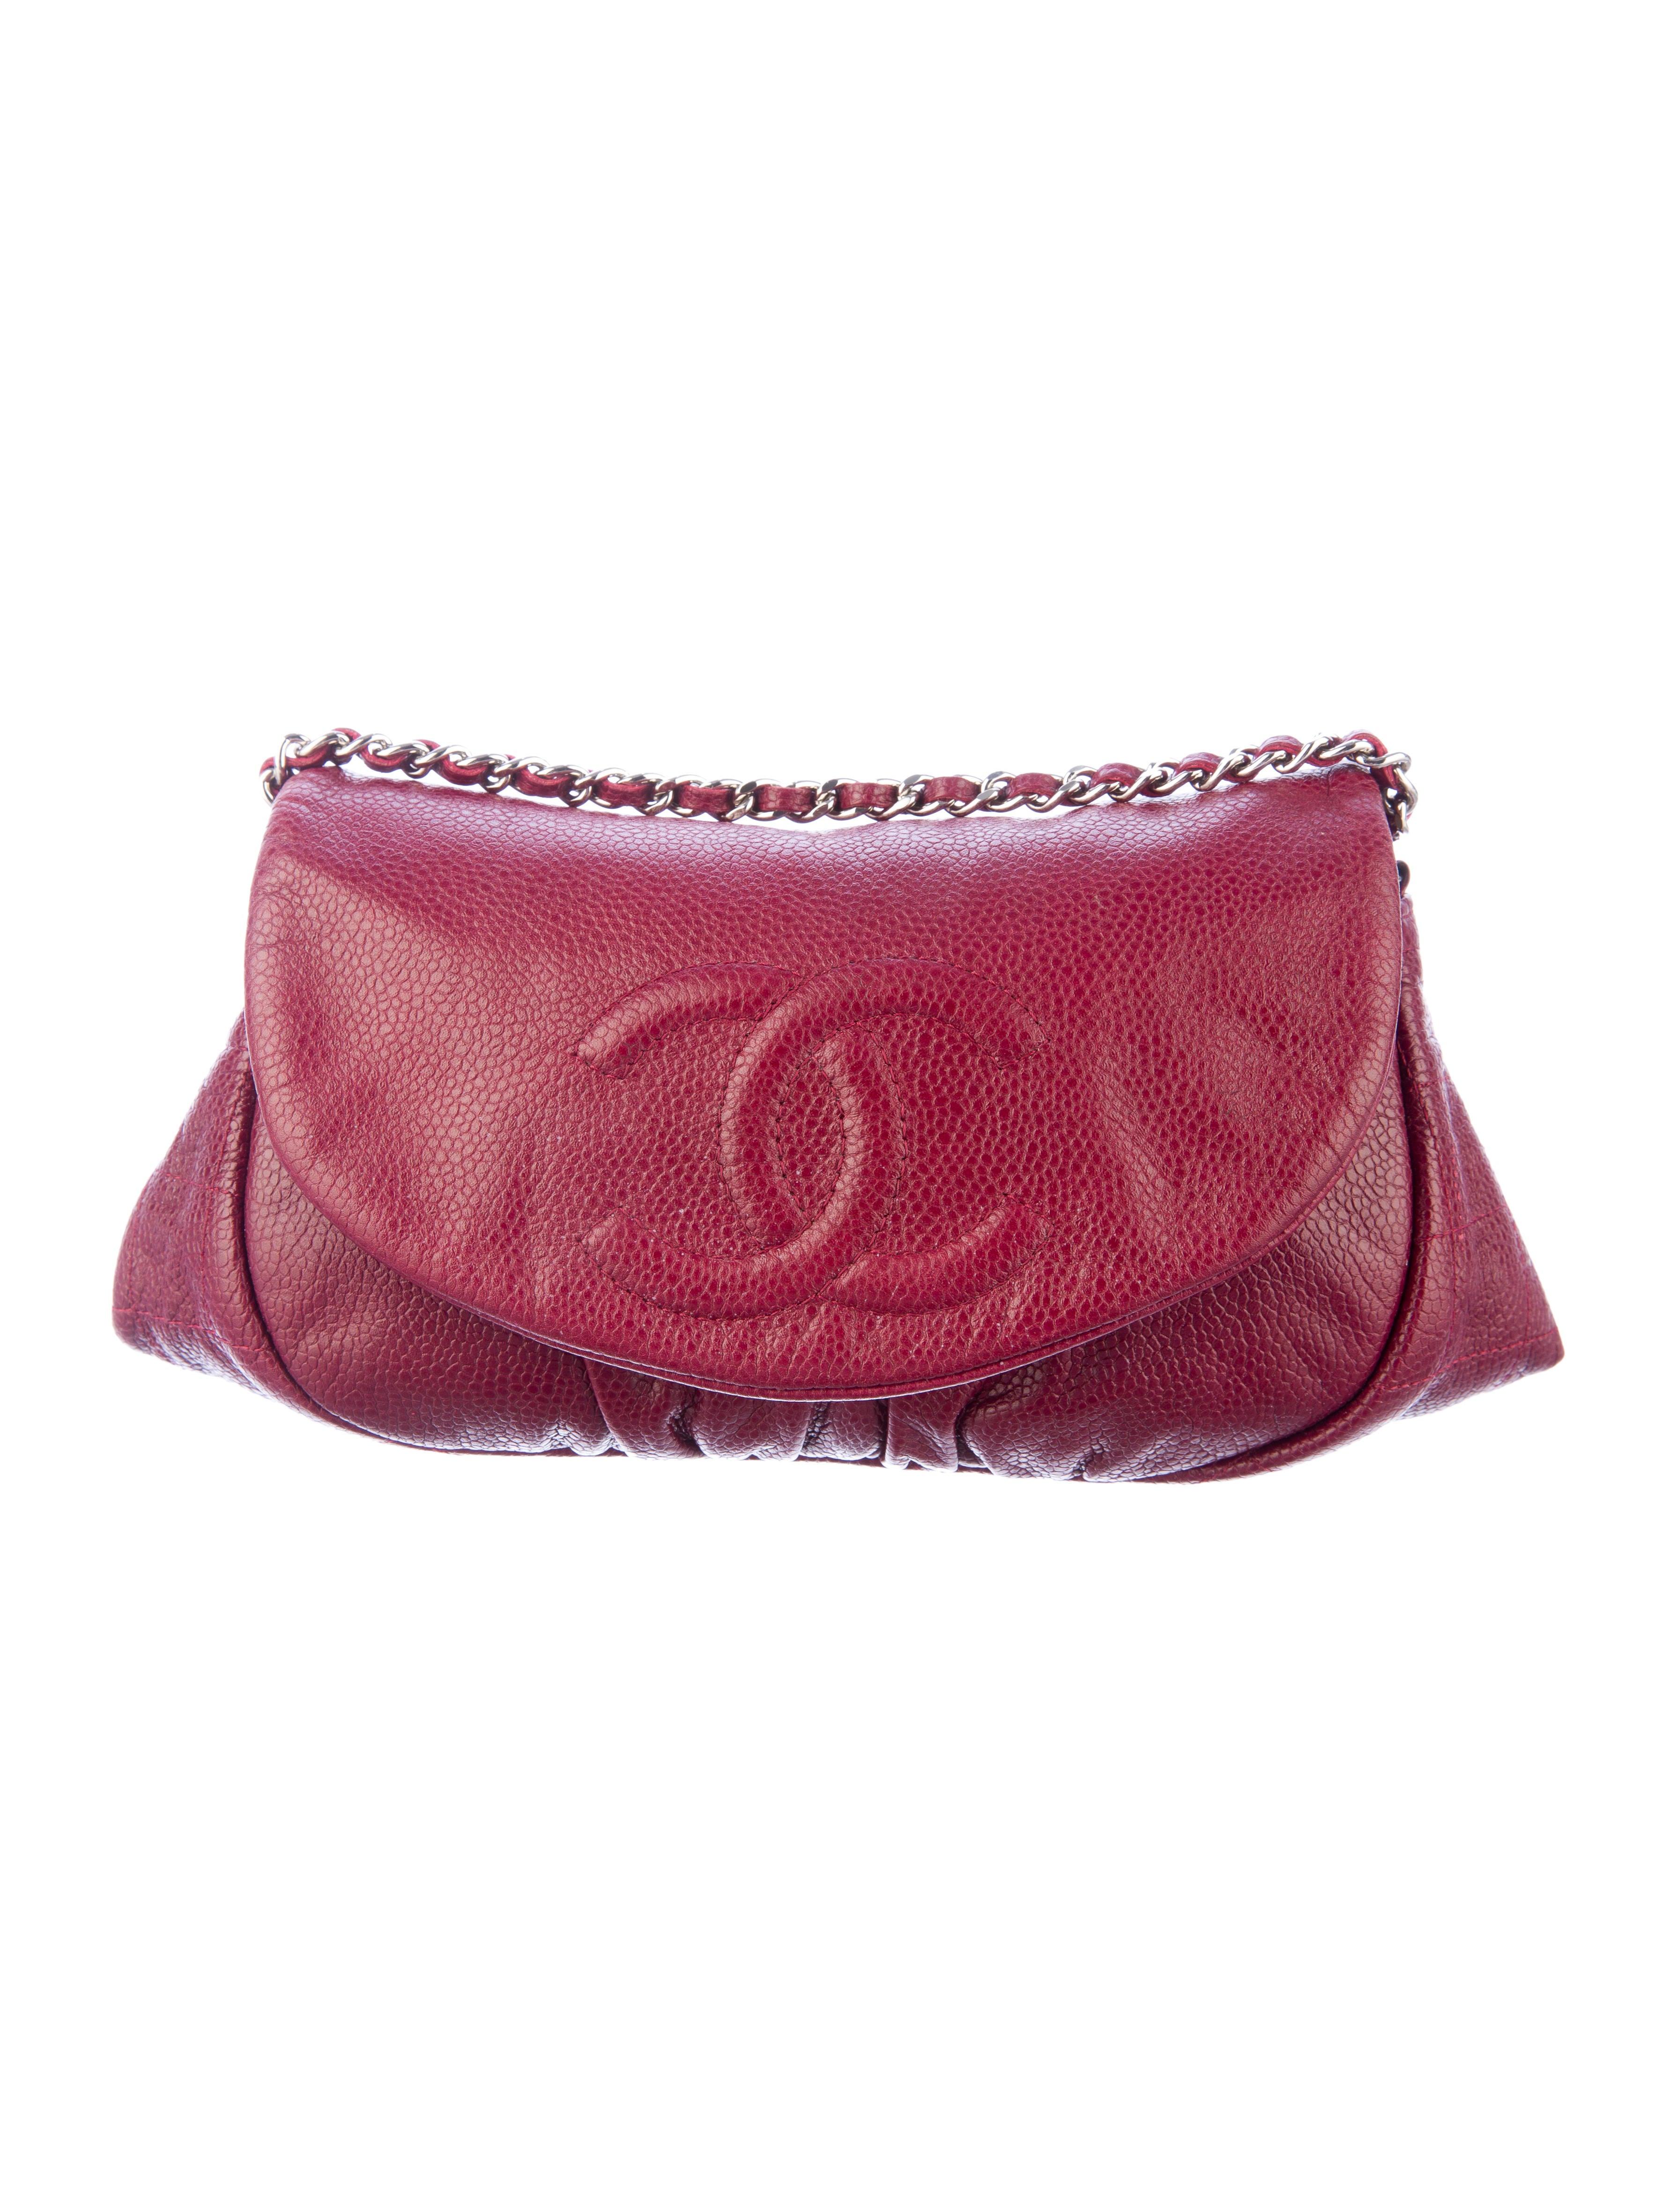 4d6e384d366a Chanel Half Moon WOC Crossbody - Handbags - CHA45358